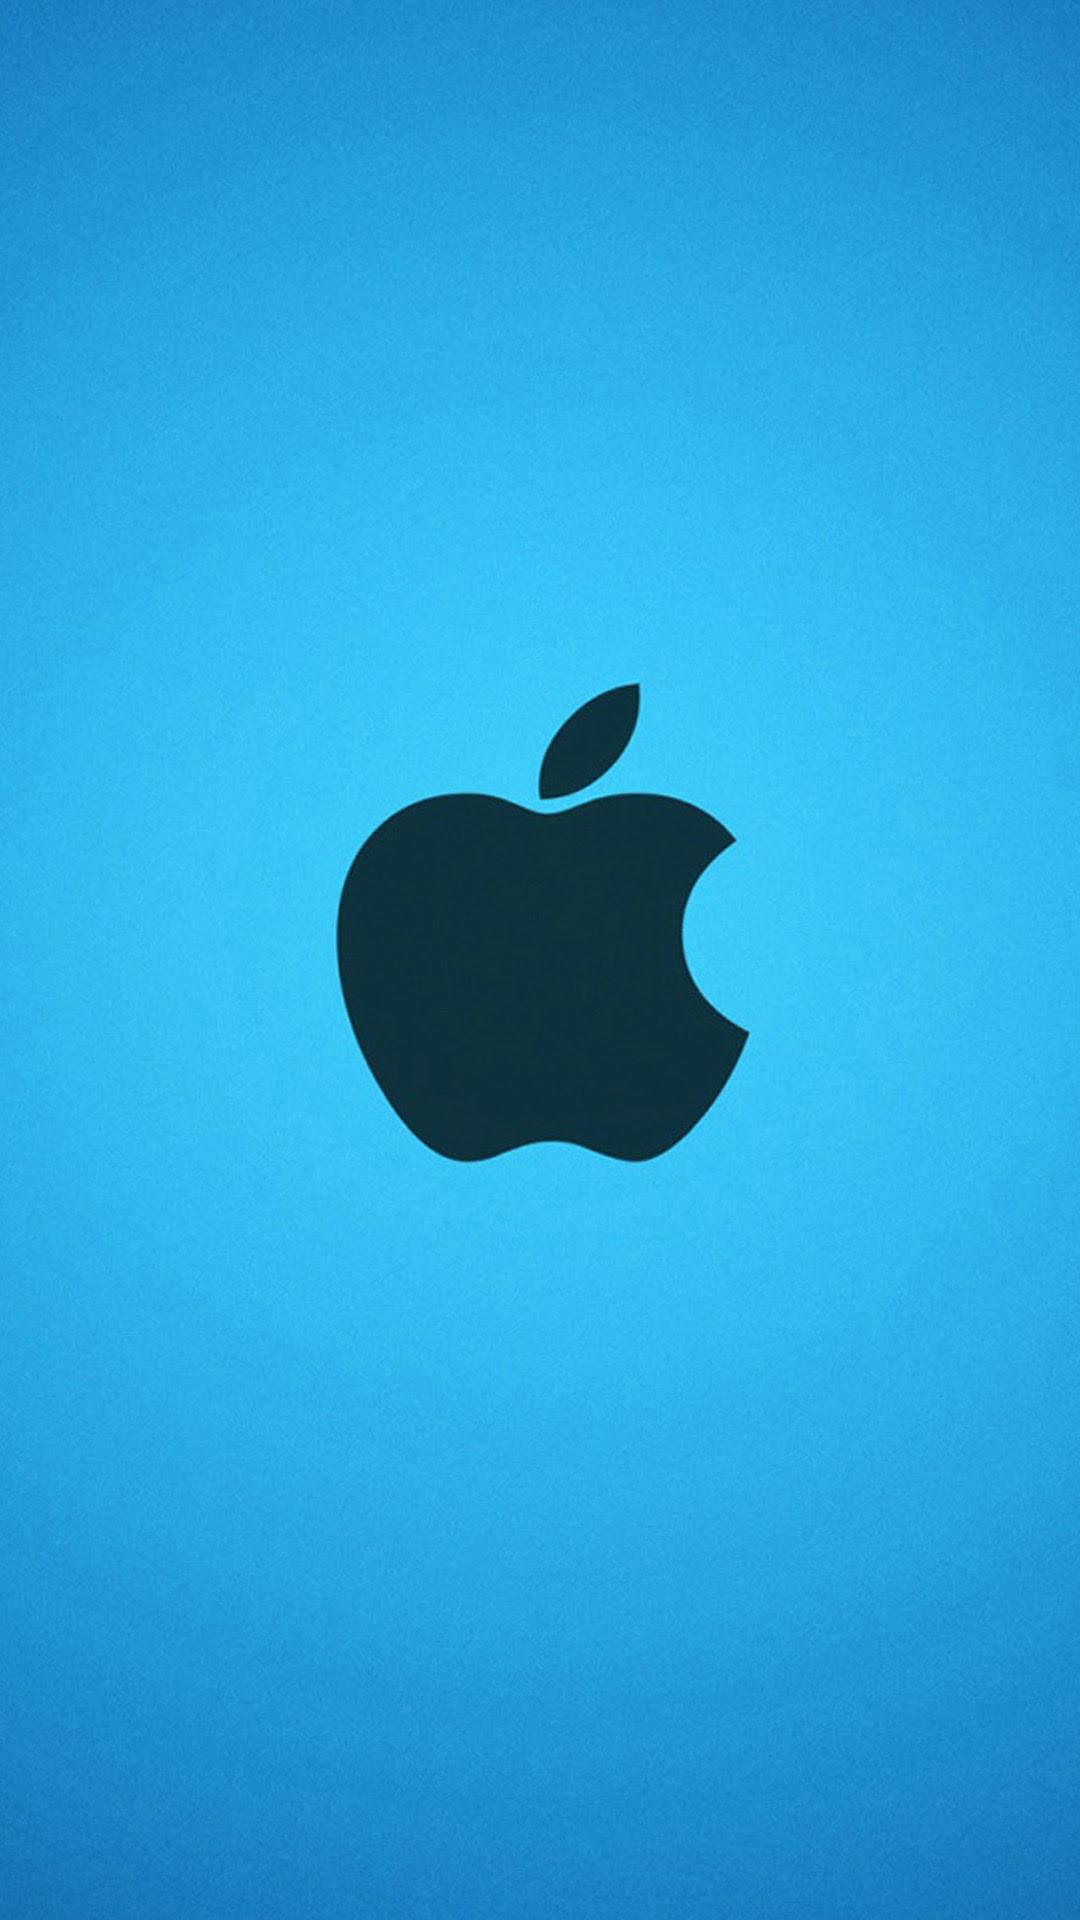 iPhone 6 Plus Dynamic Wallpapers - WallpaperSafari